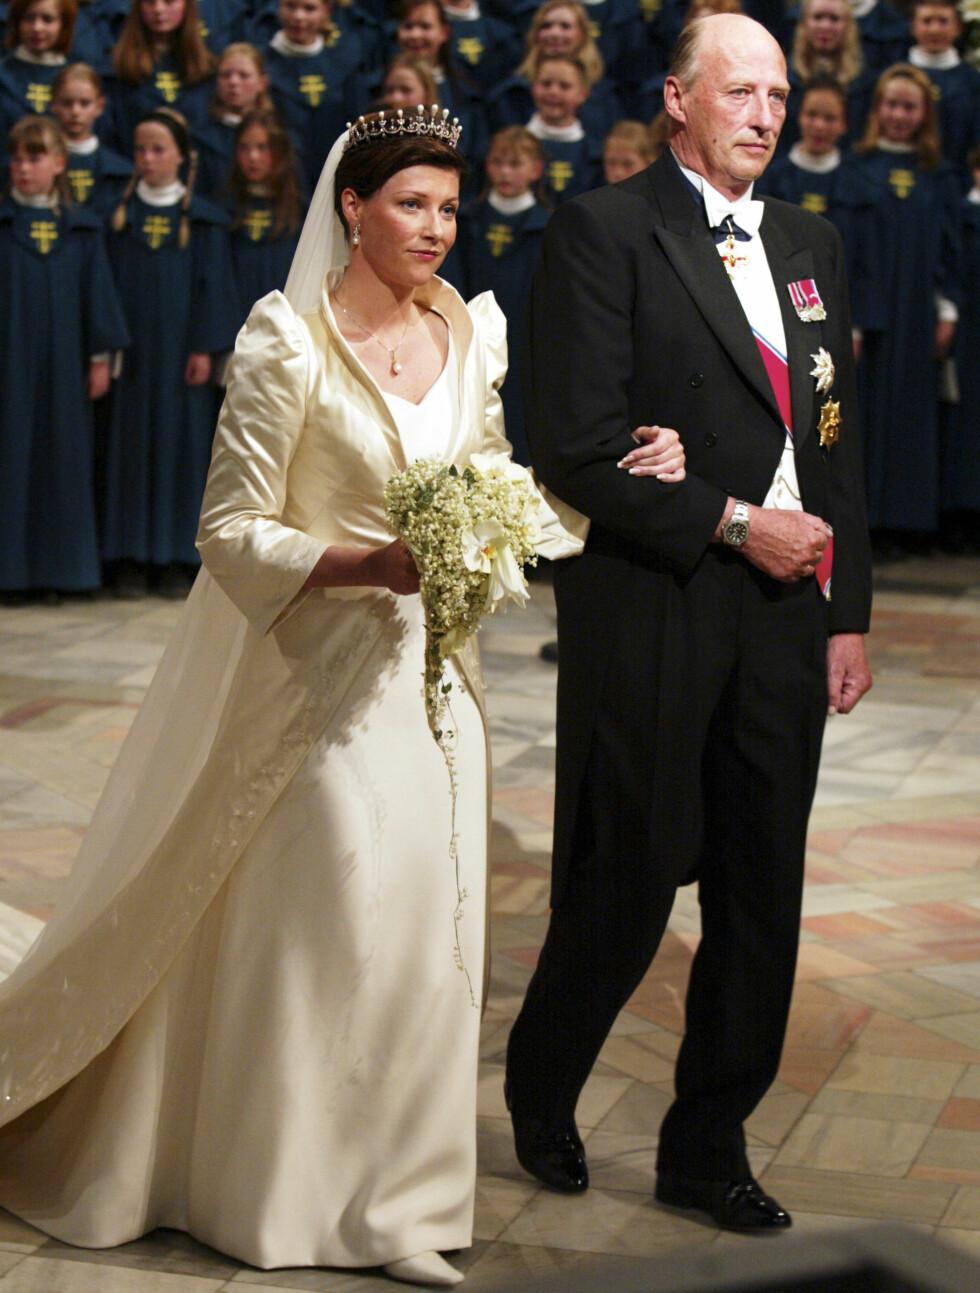 FLOTT: Prinsesse Märtha Louises fløtefargede brudekjole fra norske Wenche Lyche besto av en åpen lang kåpe i blank duchesse over en ermeløs kjole i silkecrêpe. Foto: Se og Hør